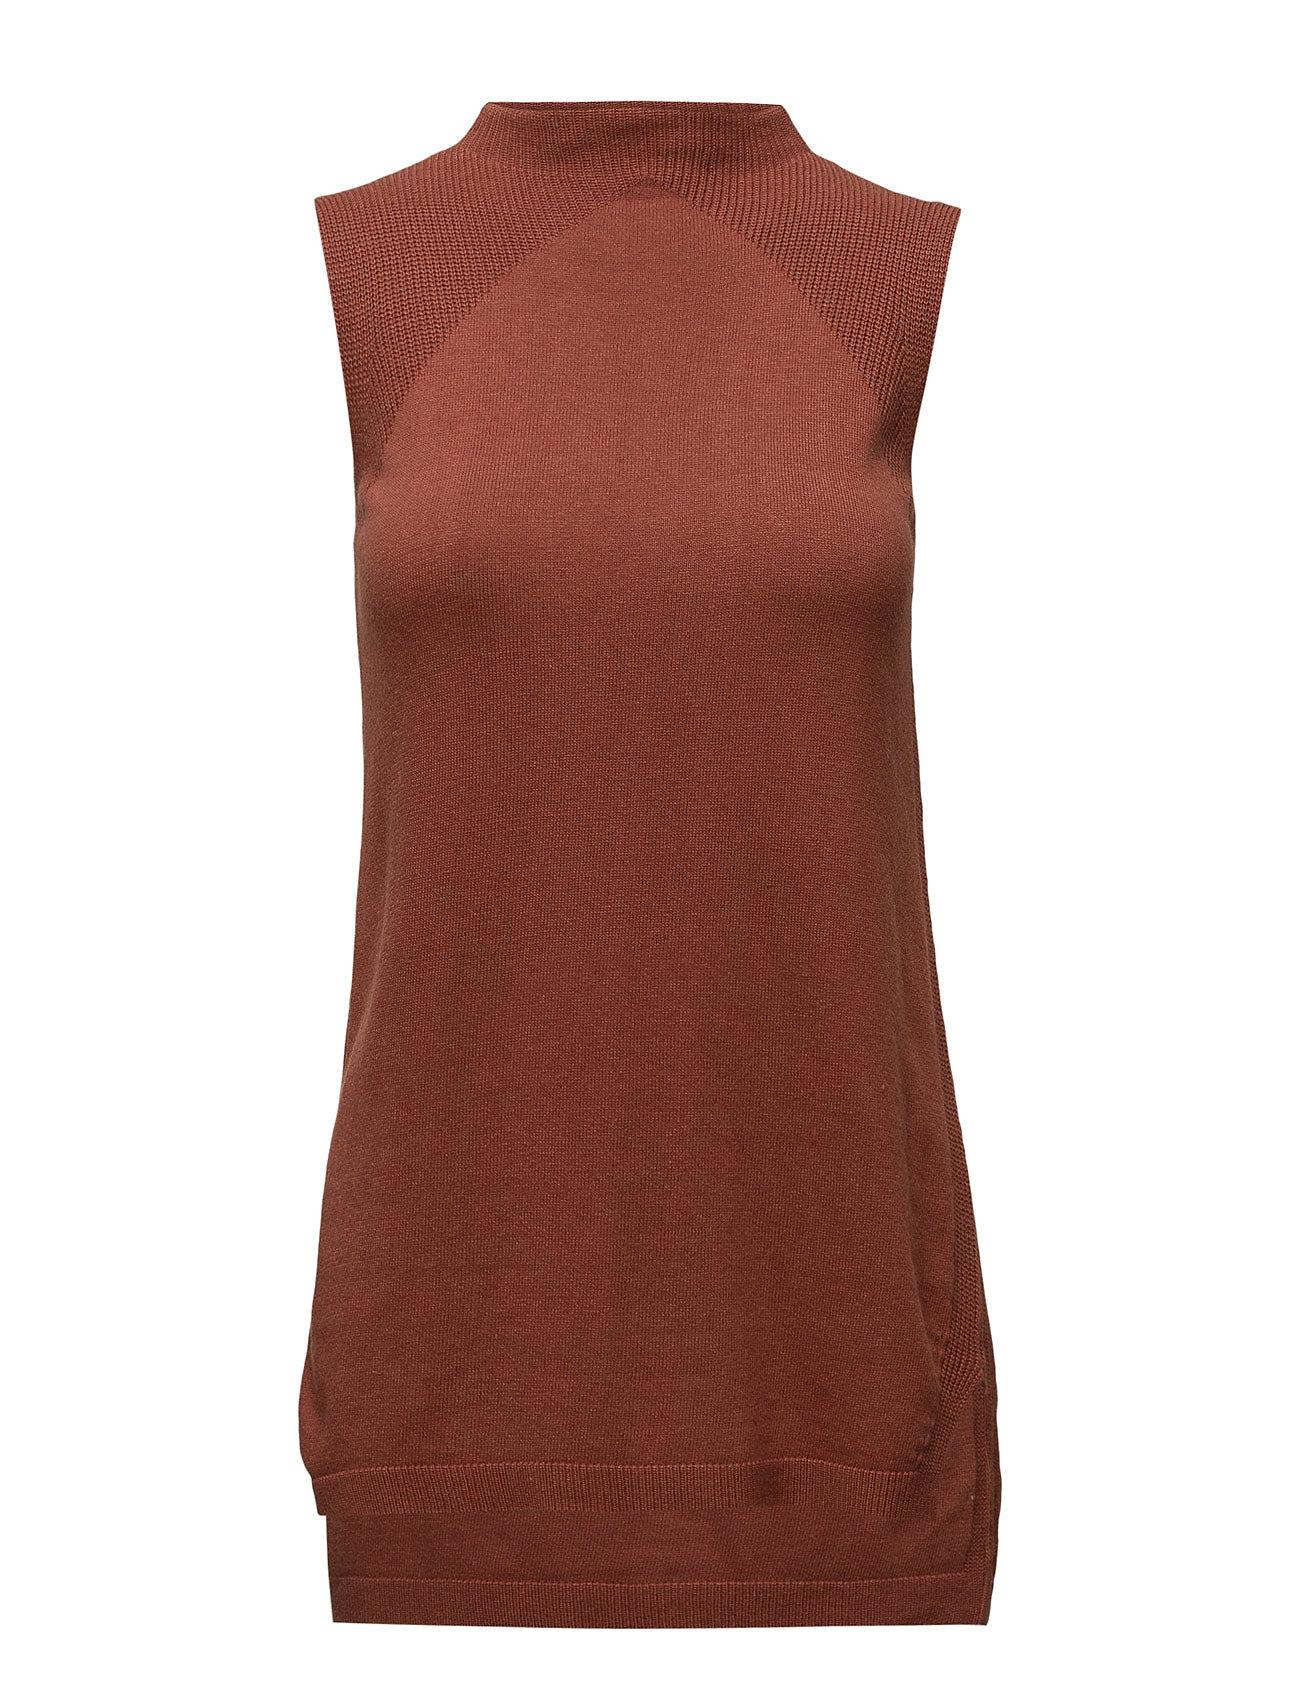 Sleeveless Sweater United Colors of Benetton Veste til Kvinder i